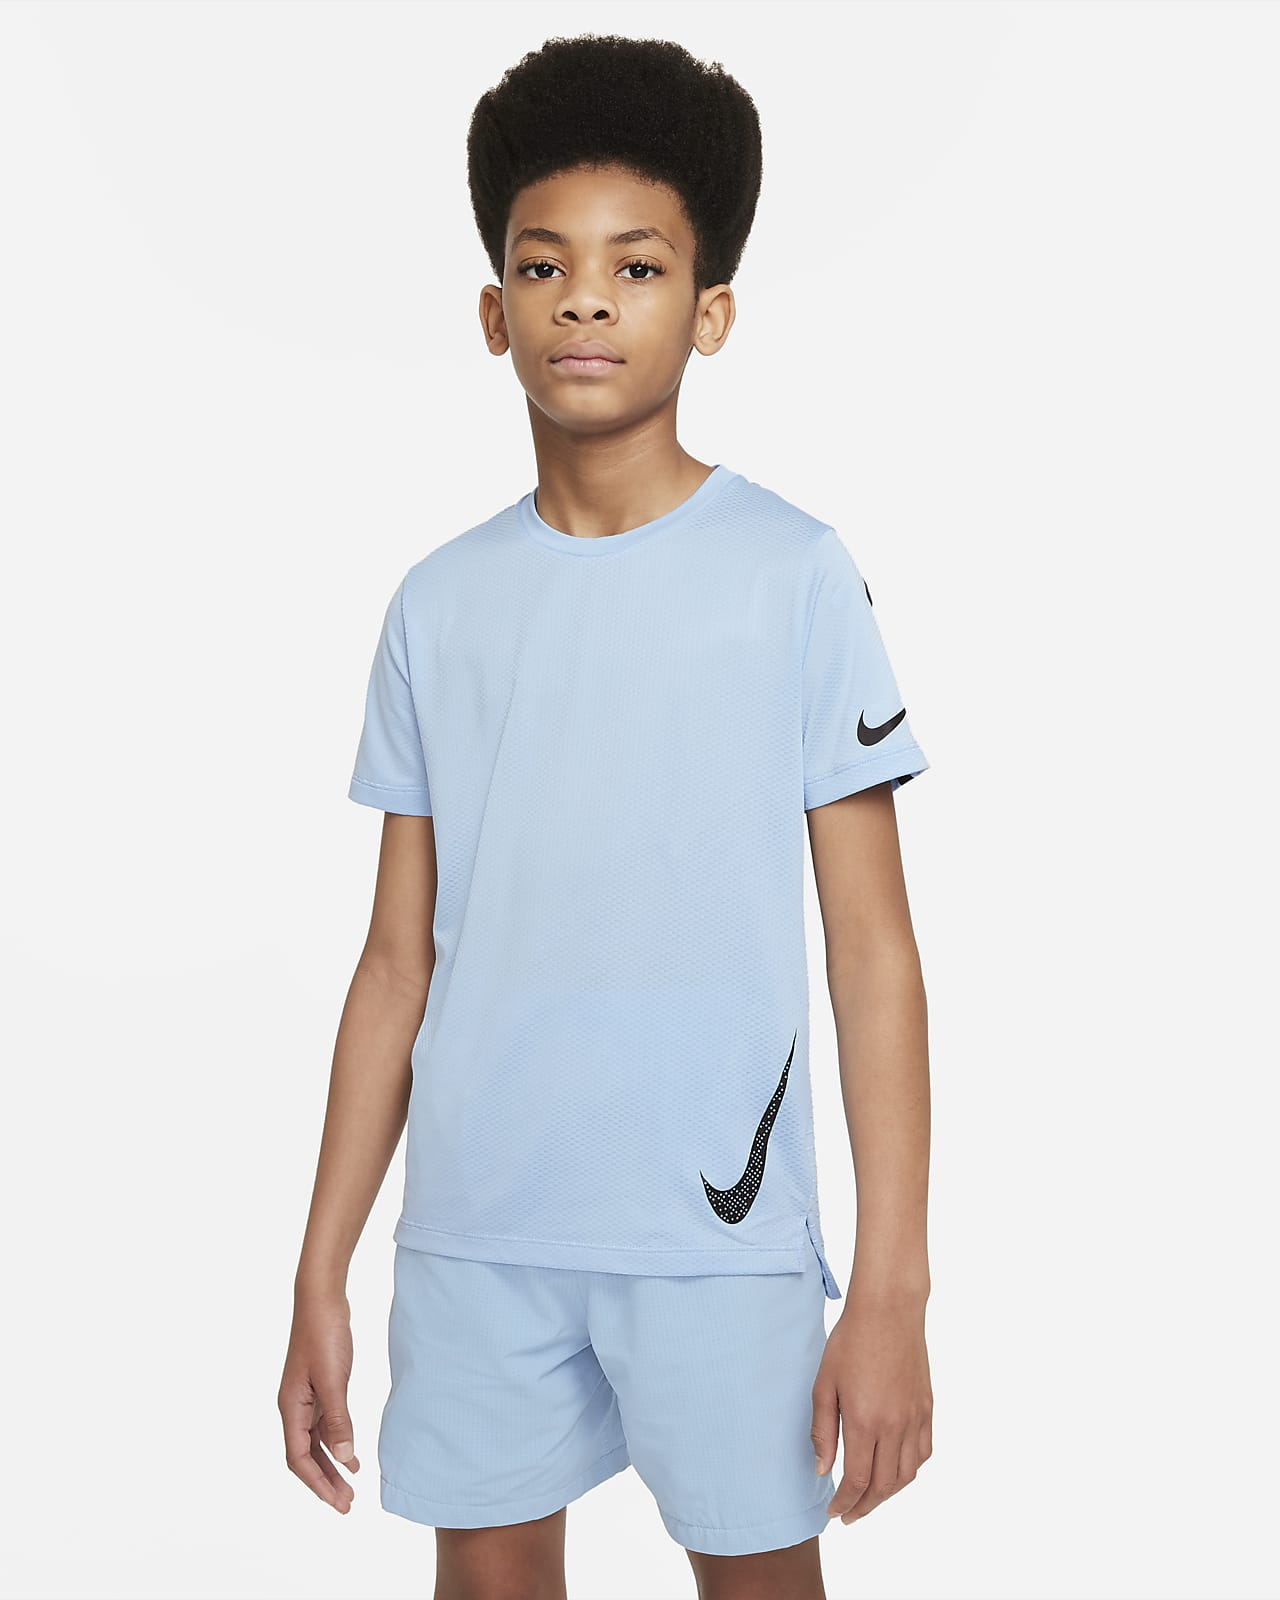 Nike Instacool 大童(男孩)短袖训练上衣